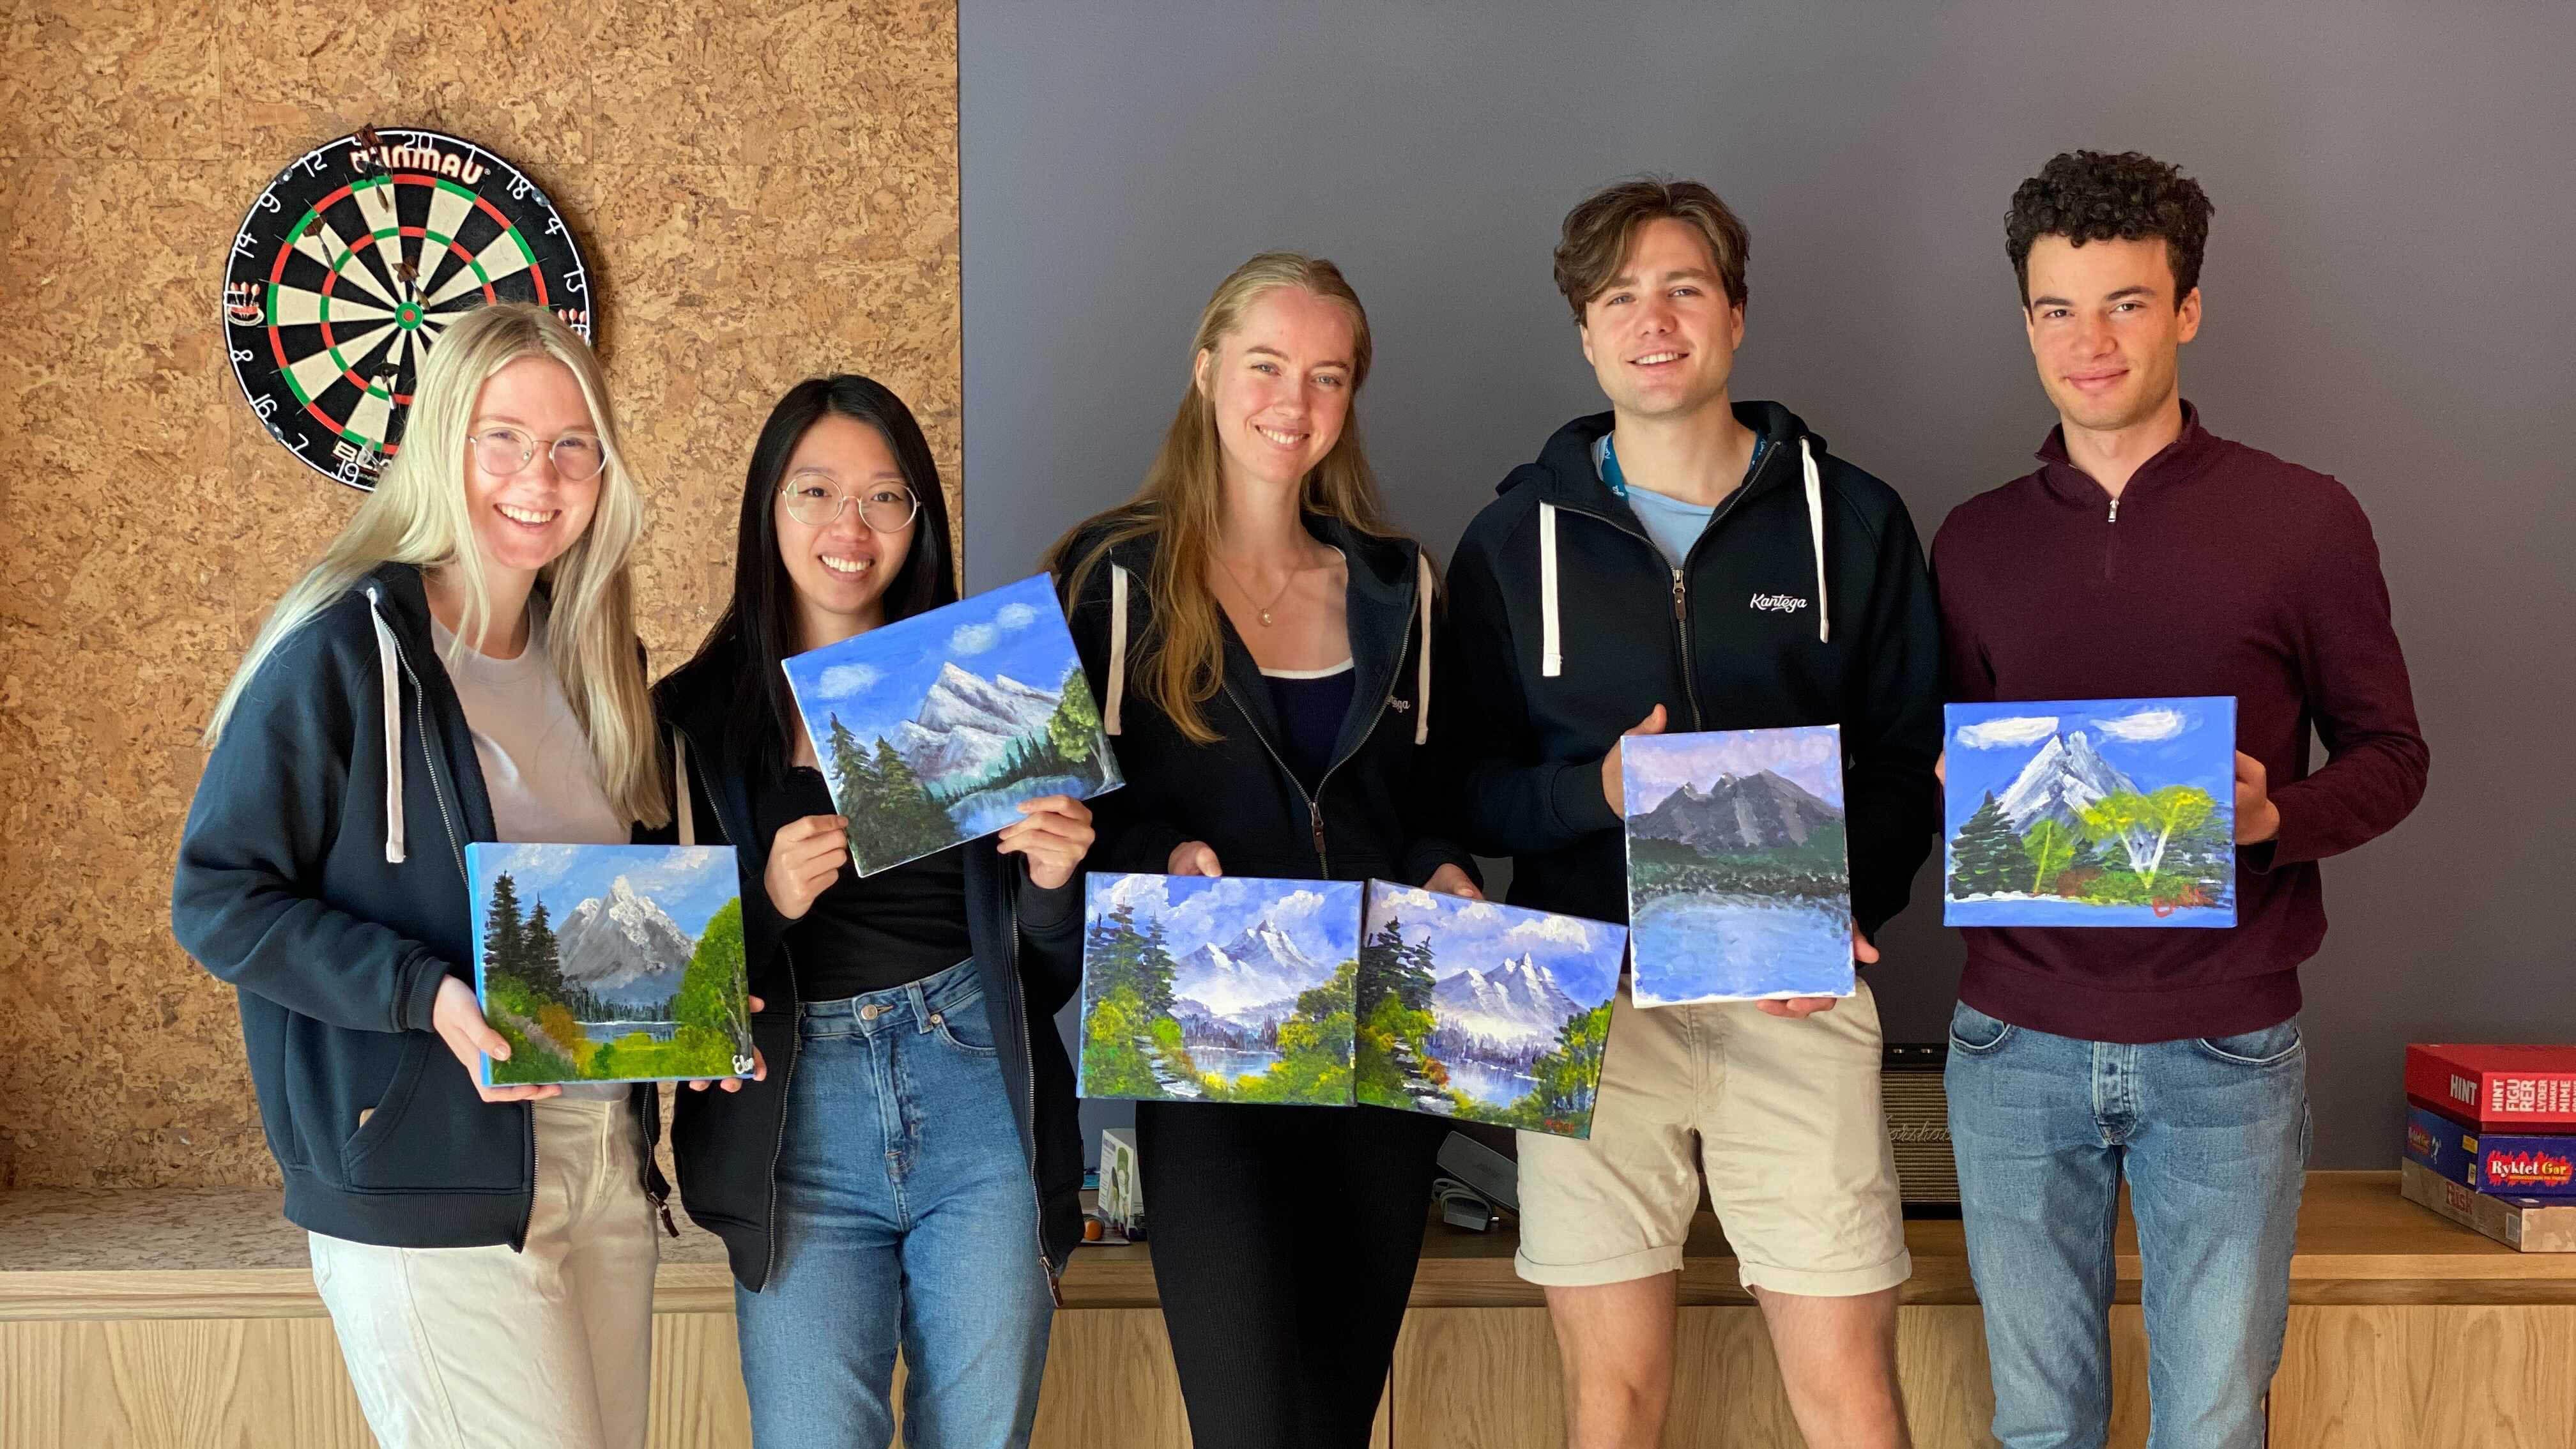 Studentene med egne malerier fra Paint´n´sip